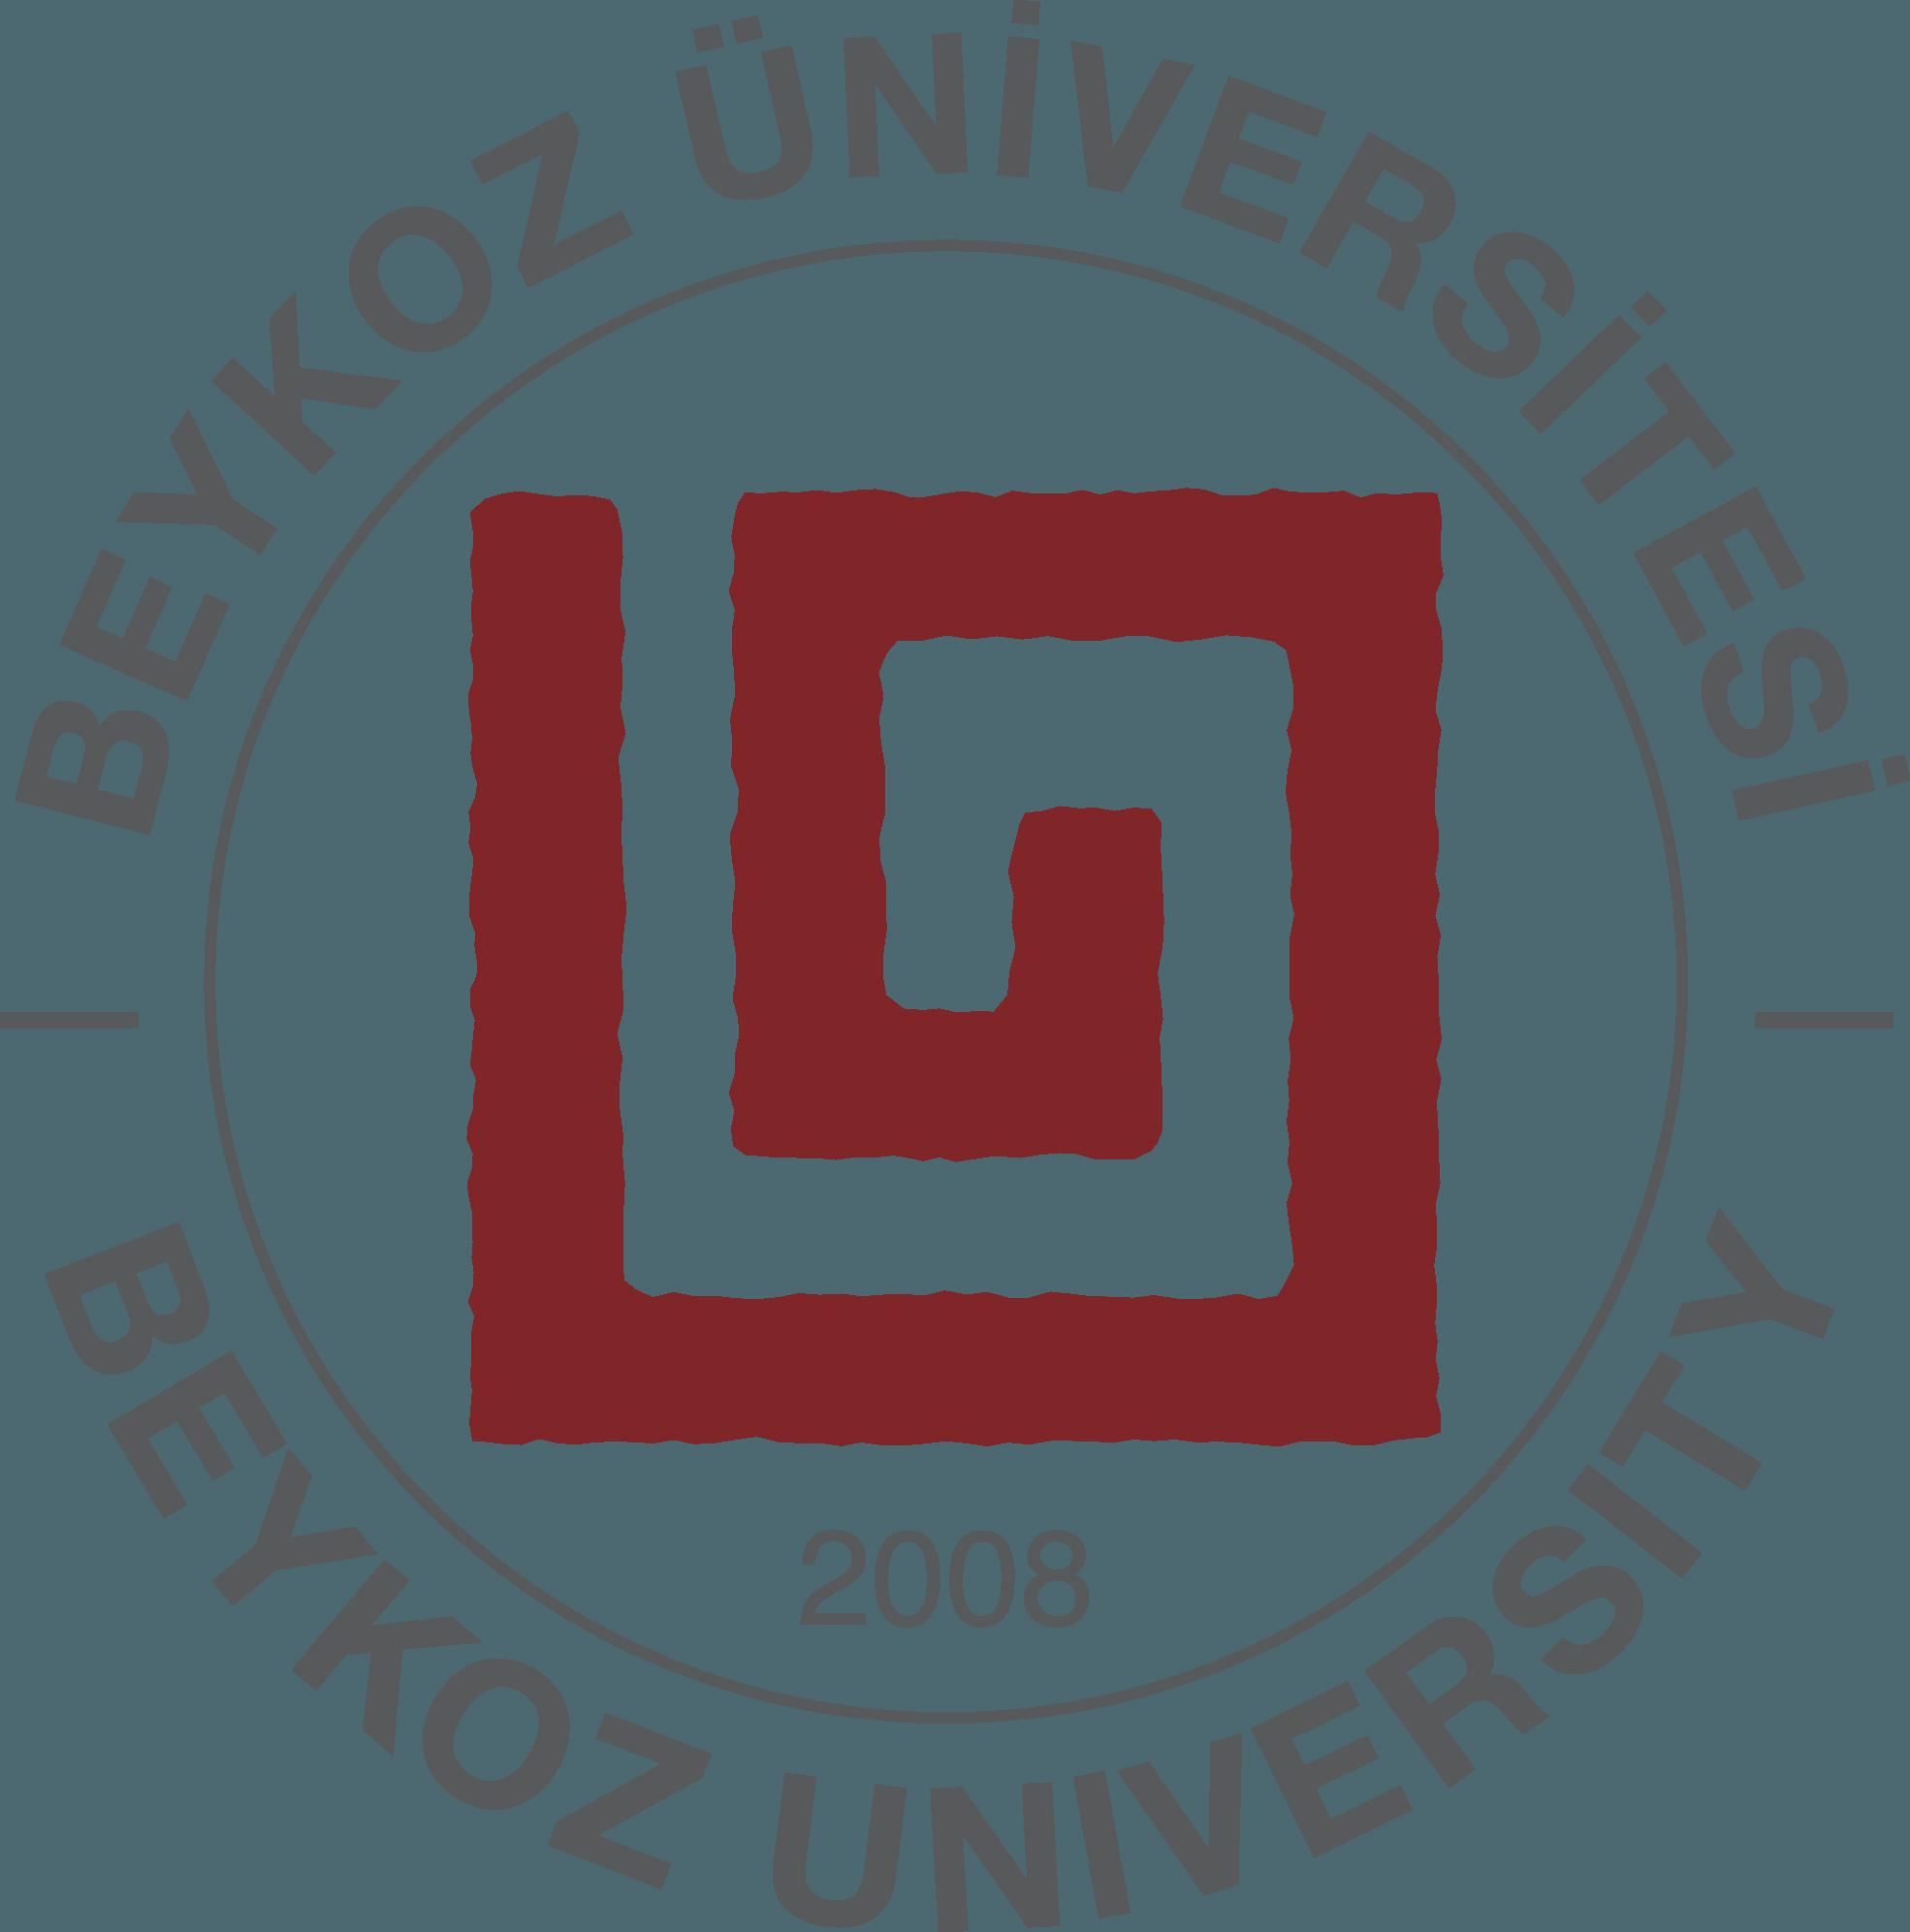 جامعة بيكوز الخاصة - الجامعات الخاصة في تركيا